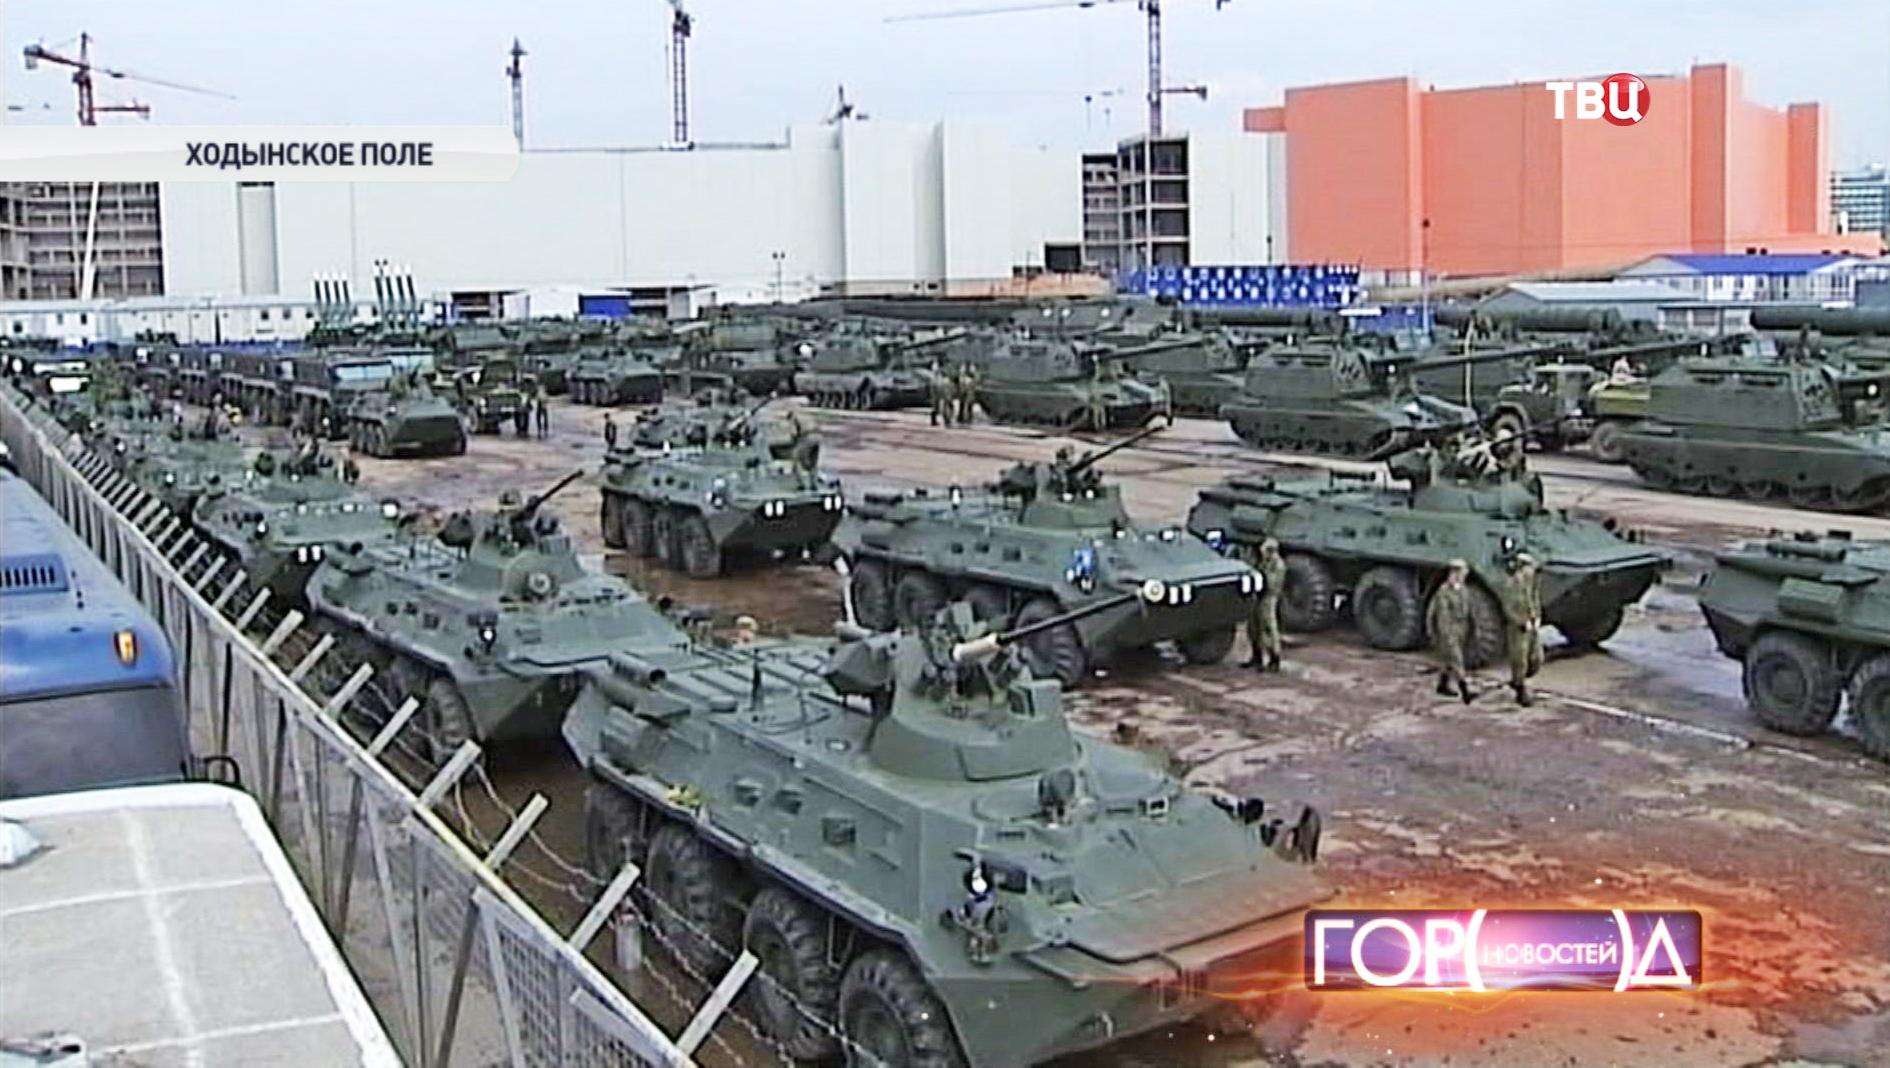 Военная техника на Ходынском поле